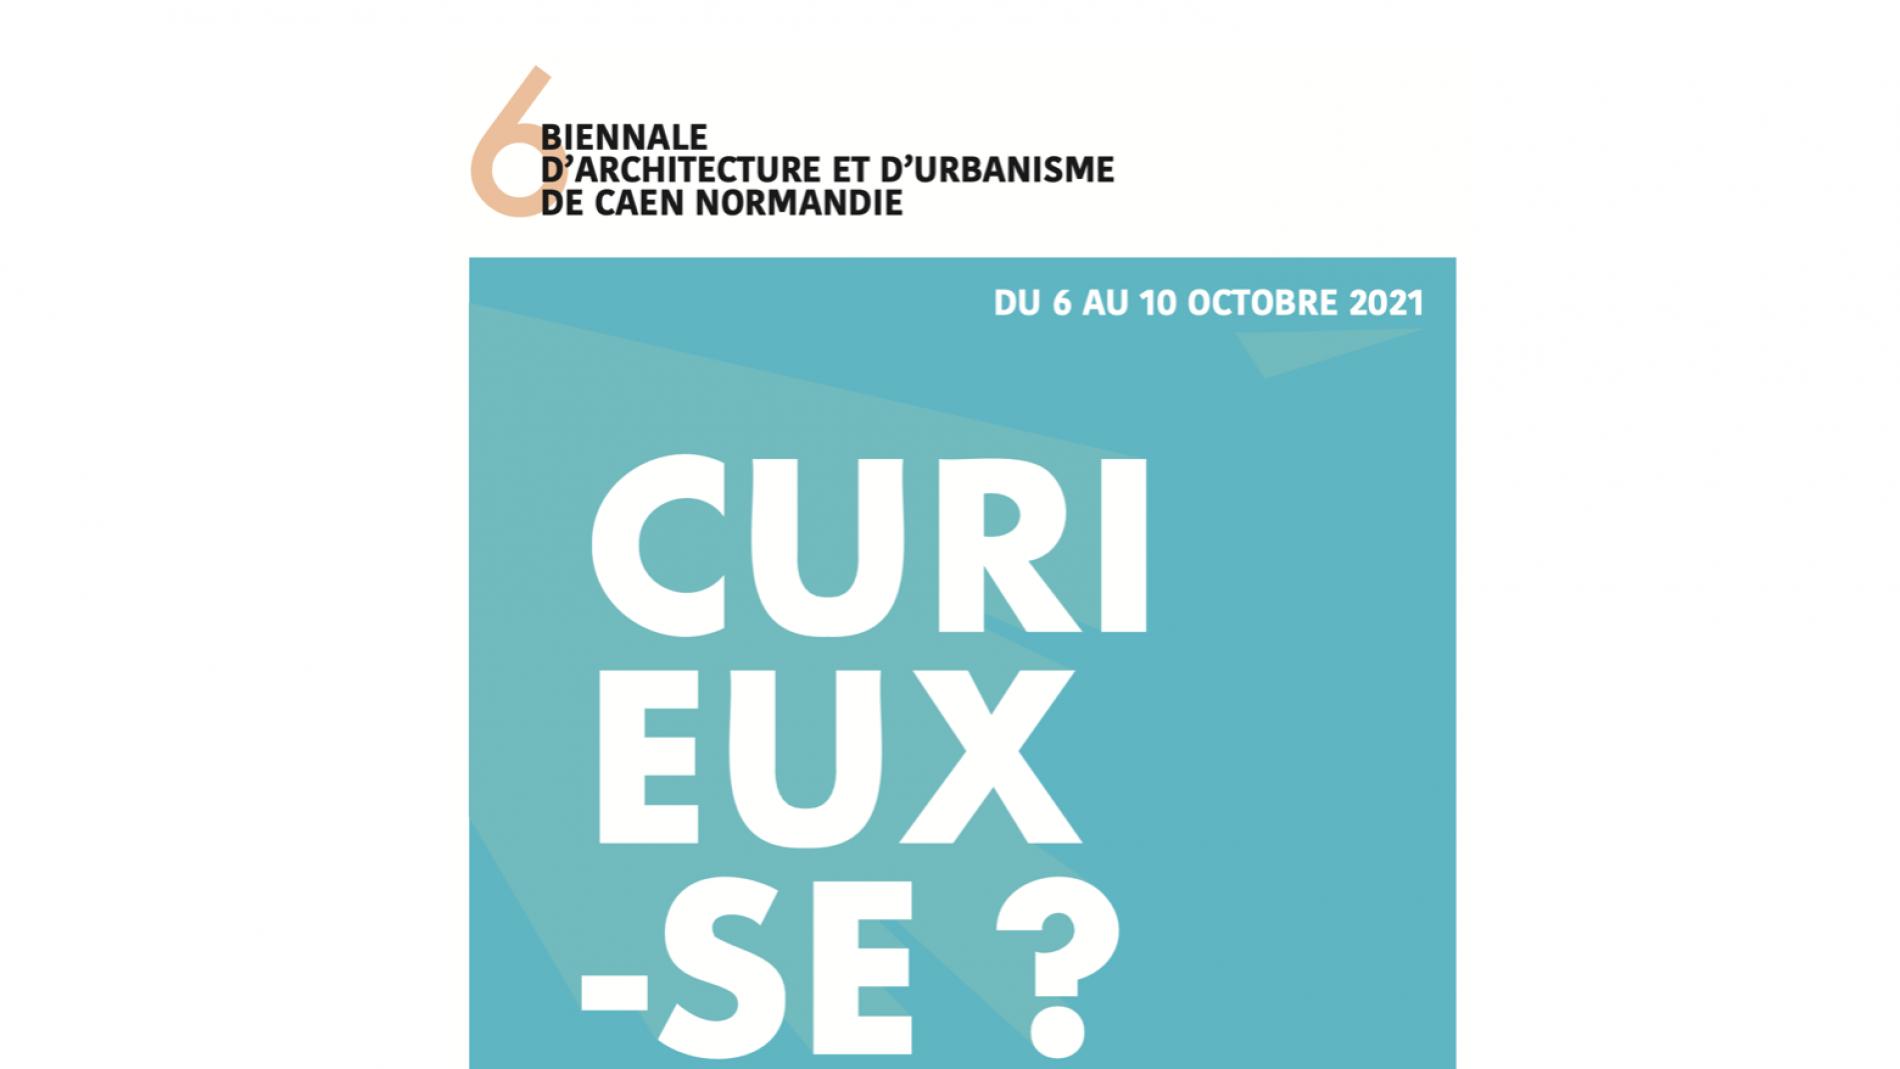 Biennale d'Architecture et d'Urbanisme de Caen